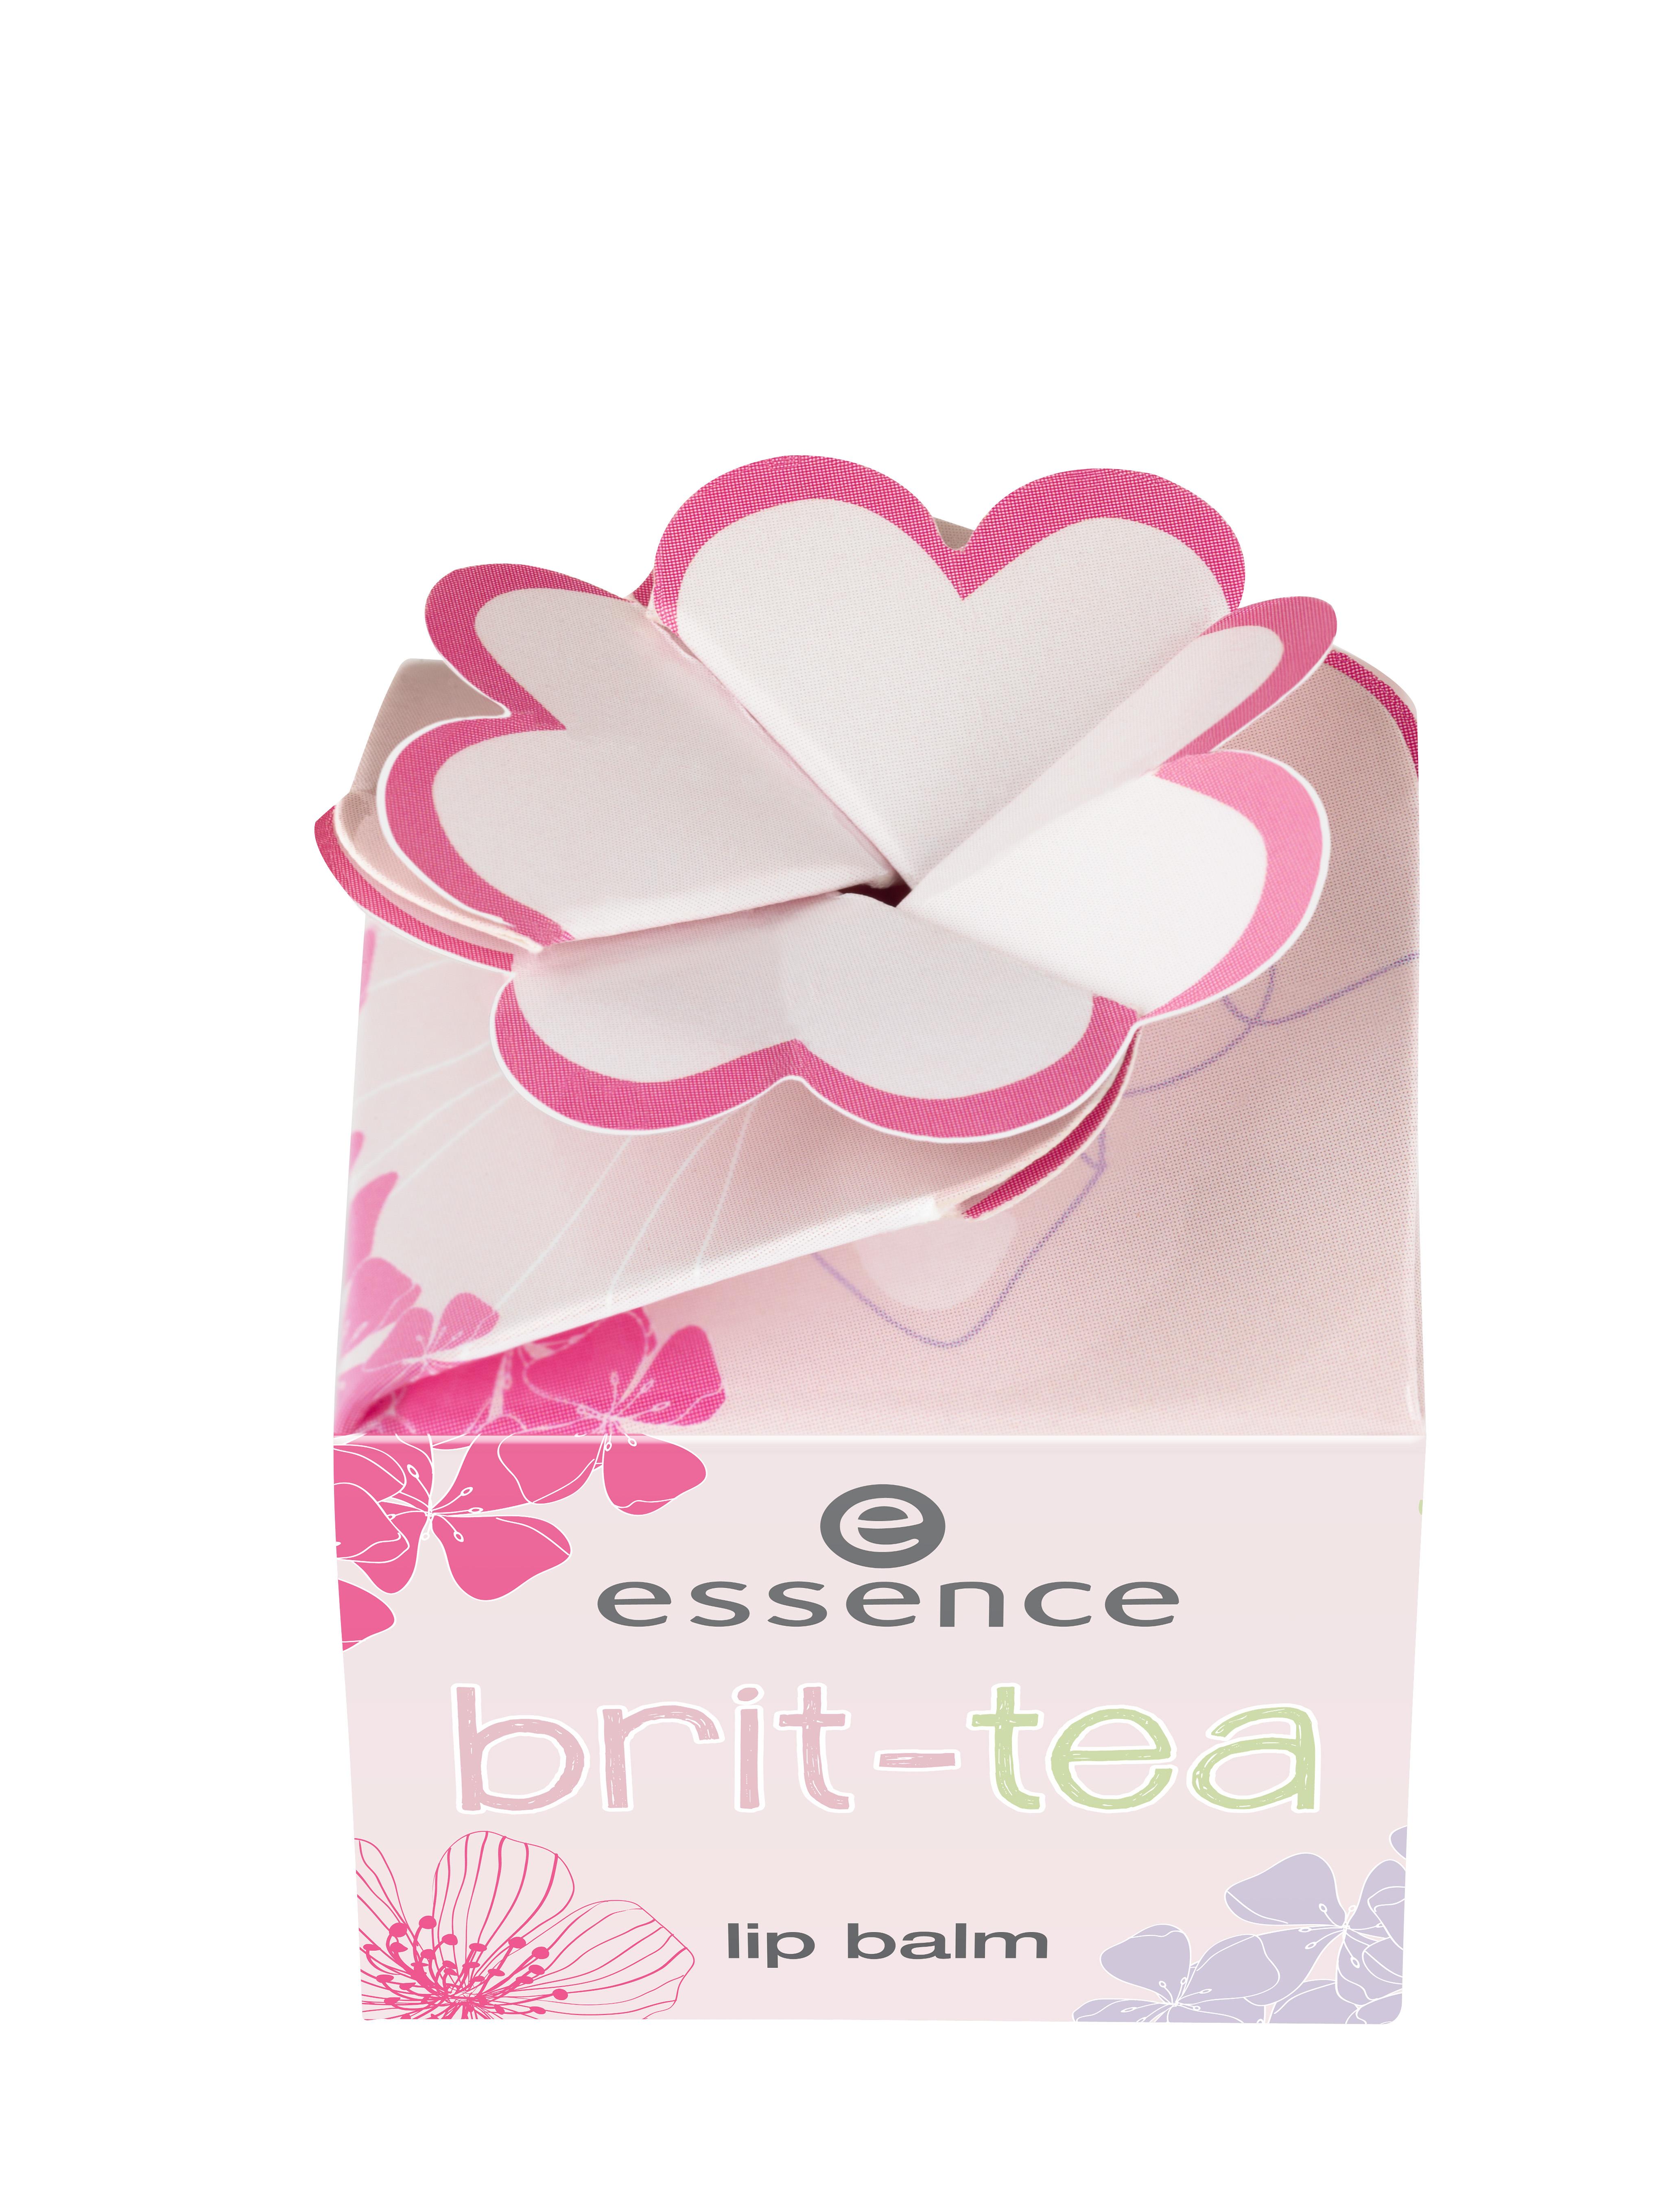 ess_brit-tea_Lip Balm_Pack.jpg